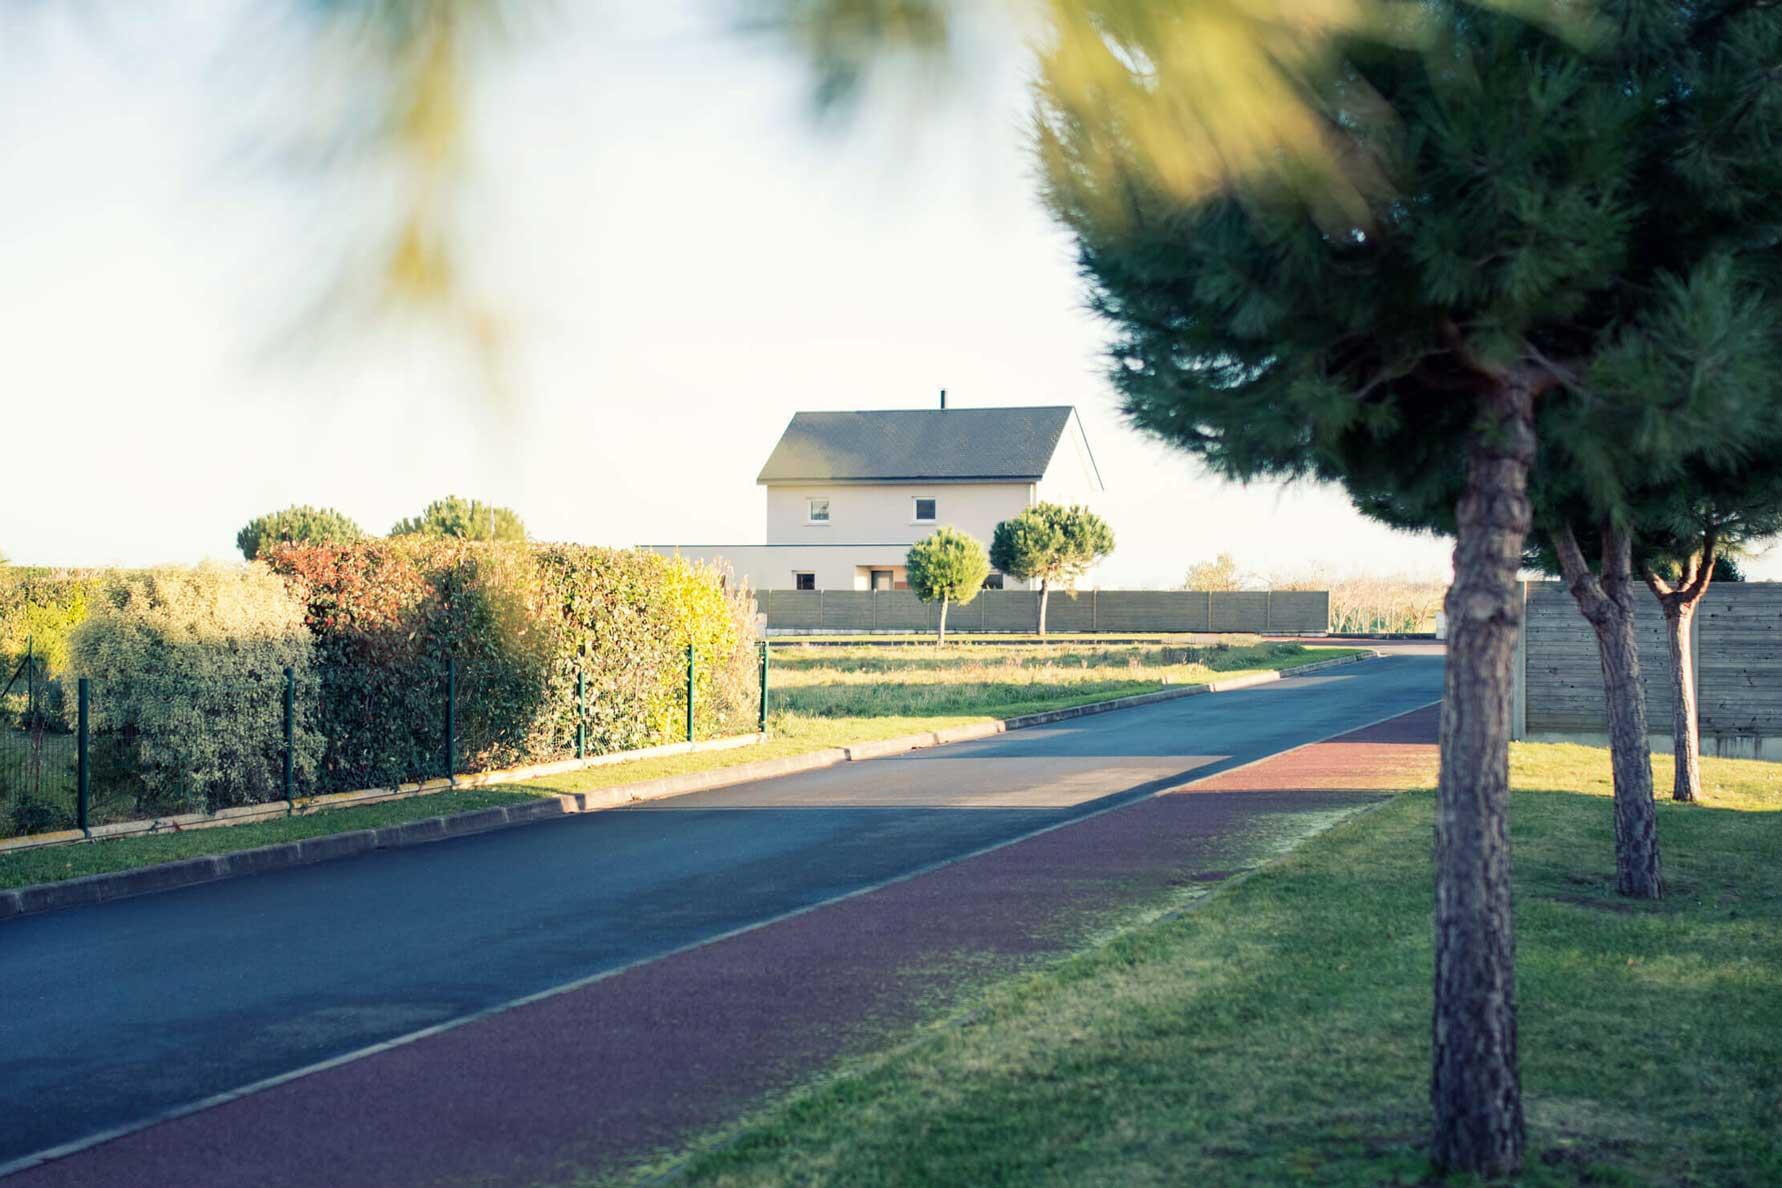 Les Jardins de la Brèche, terrains à bâtir à Luc-sur-Mer - une réalisation de SAPI